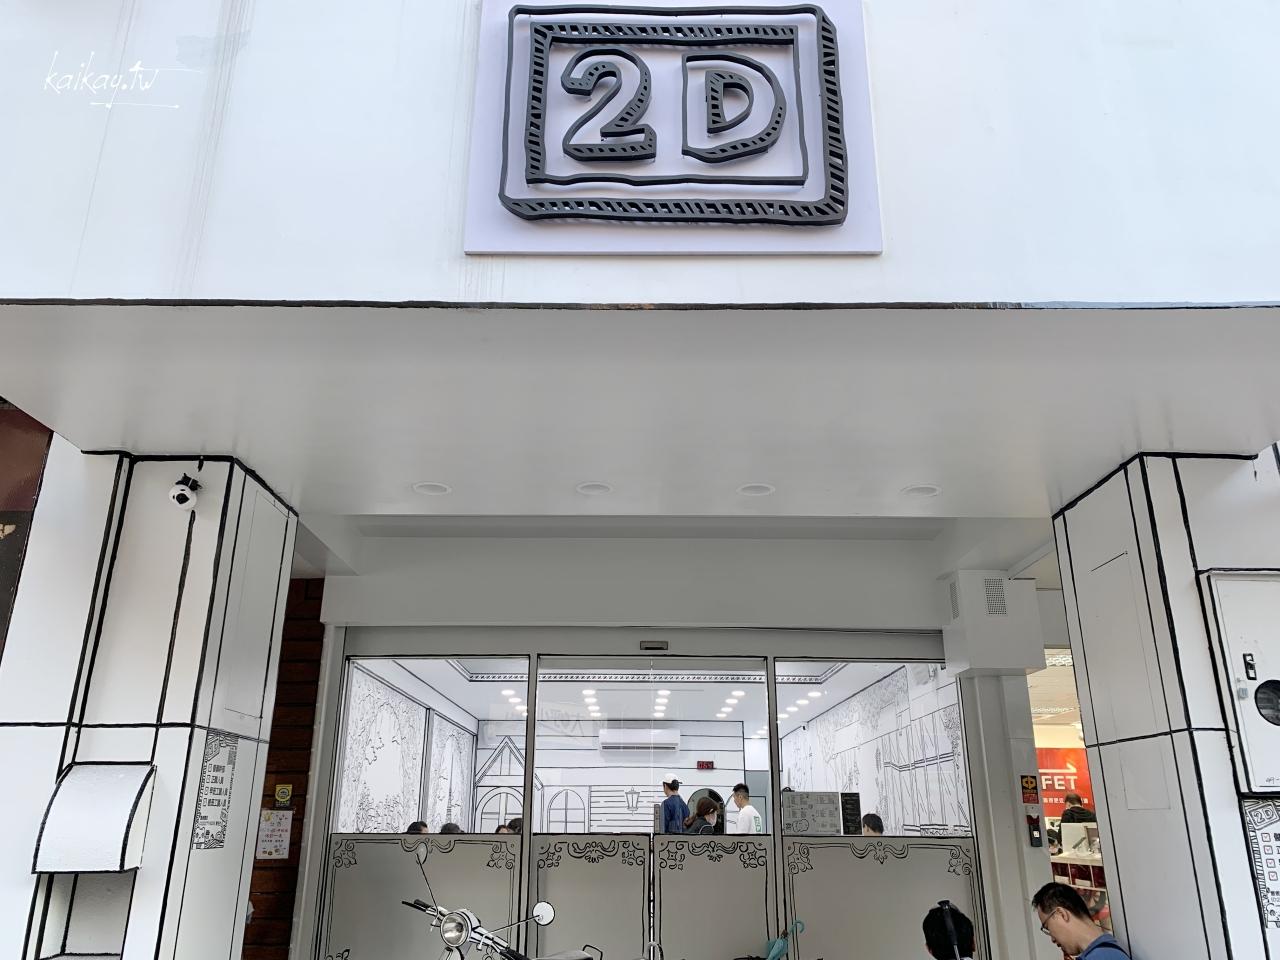 """☆【新北/新莊】2D黑白繪本風把歐洲街景""""畫""""進咖啡廳!2D Cafe 新北旗艦店"""